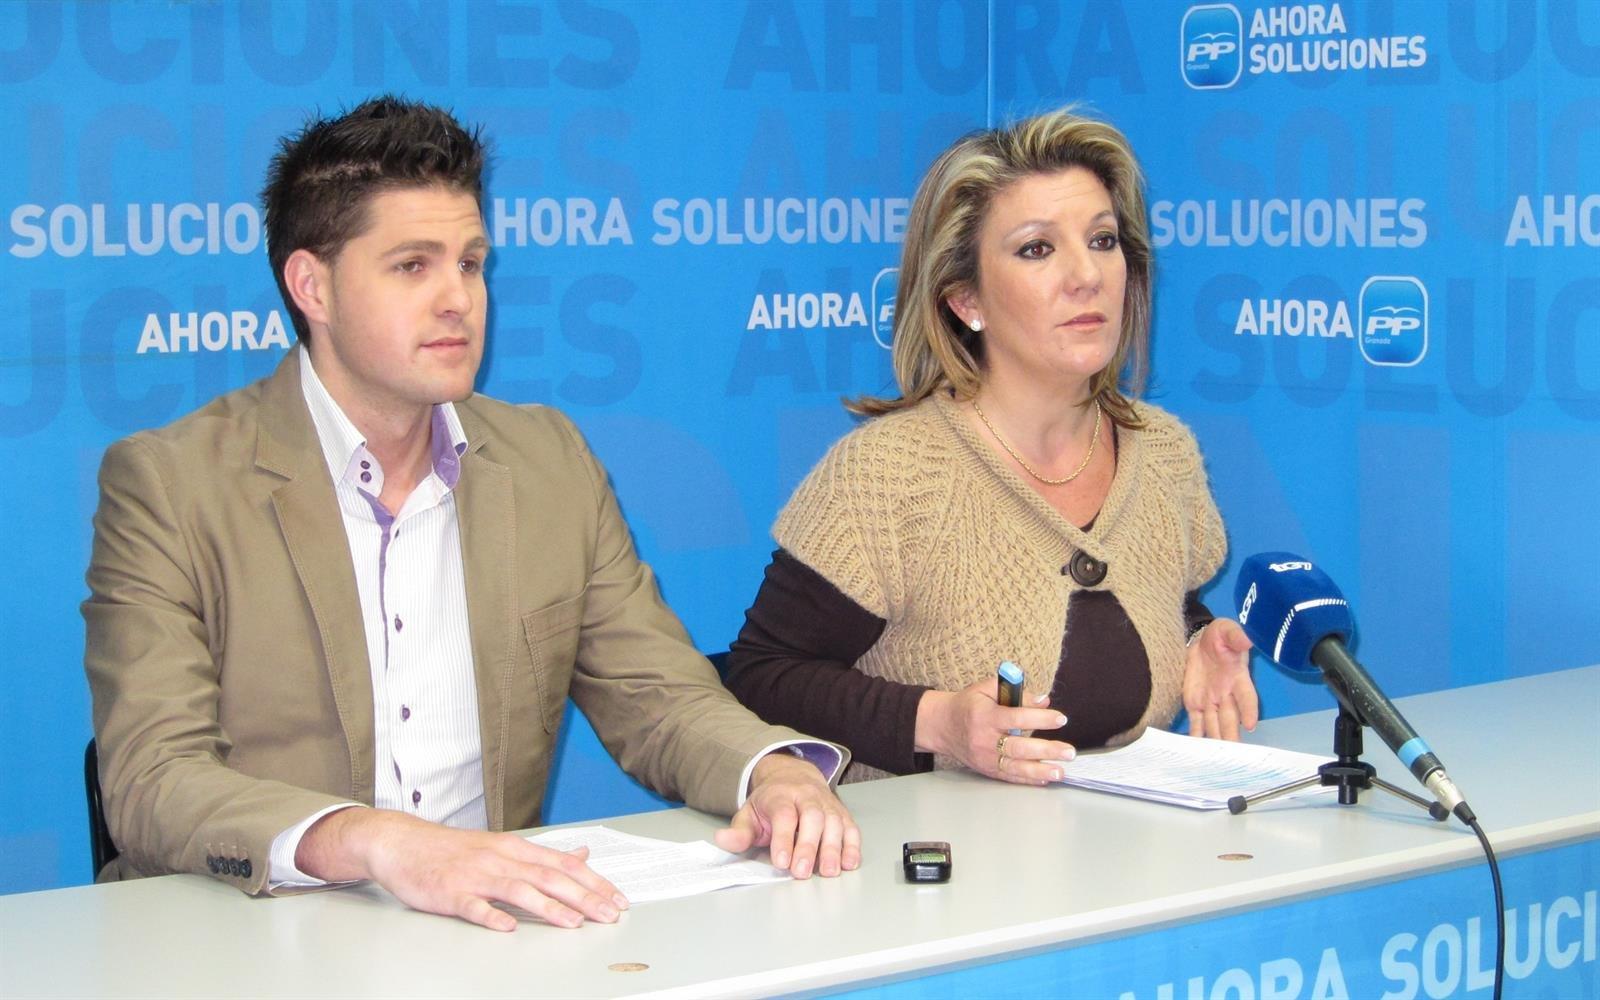 El alcalde de Lanjarón: «El PSOE quiere ganar en los tribunales lo que no pudo en las urnas»